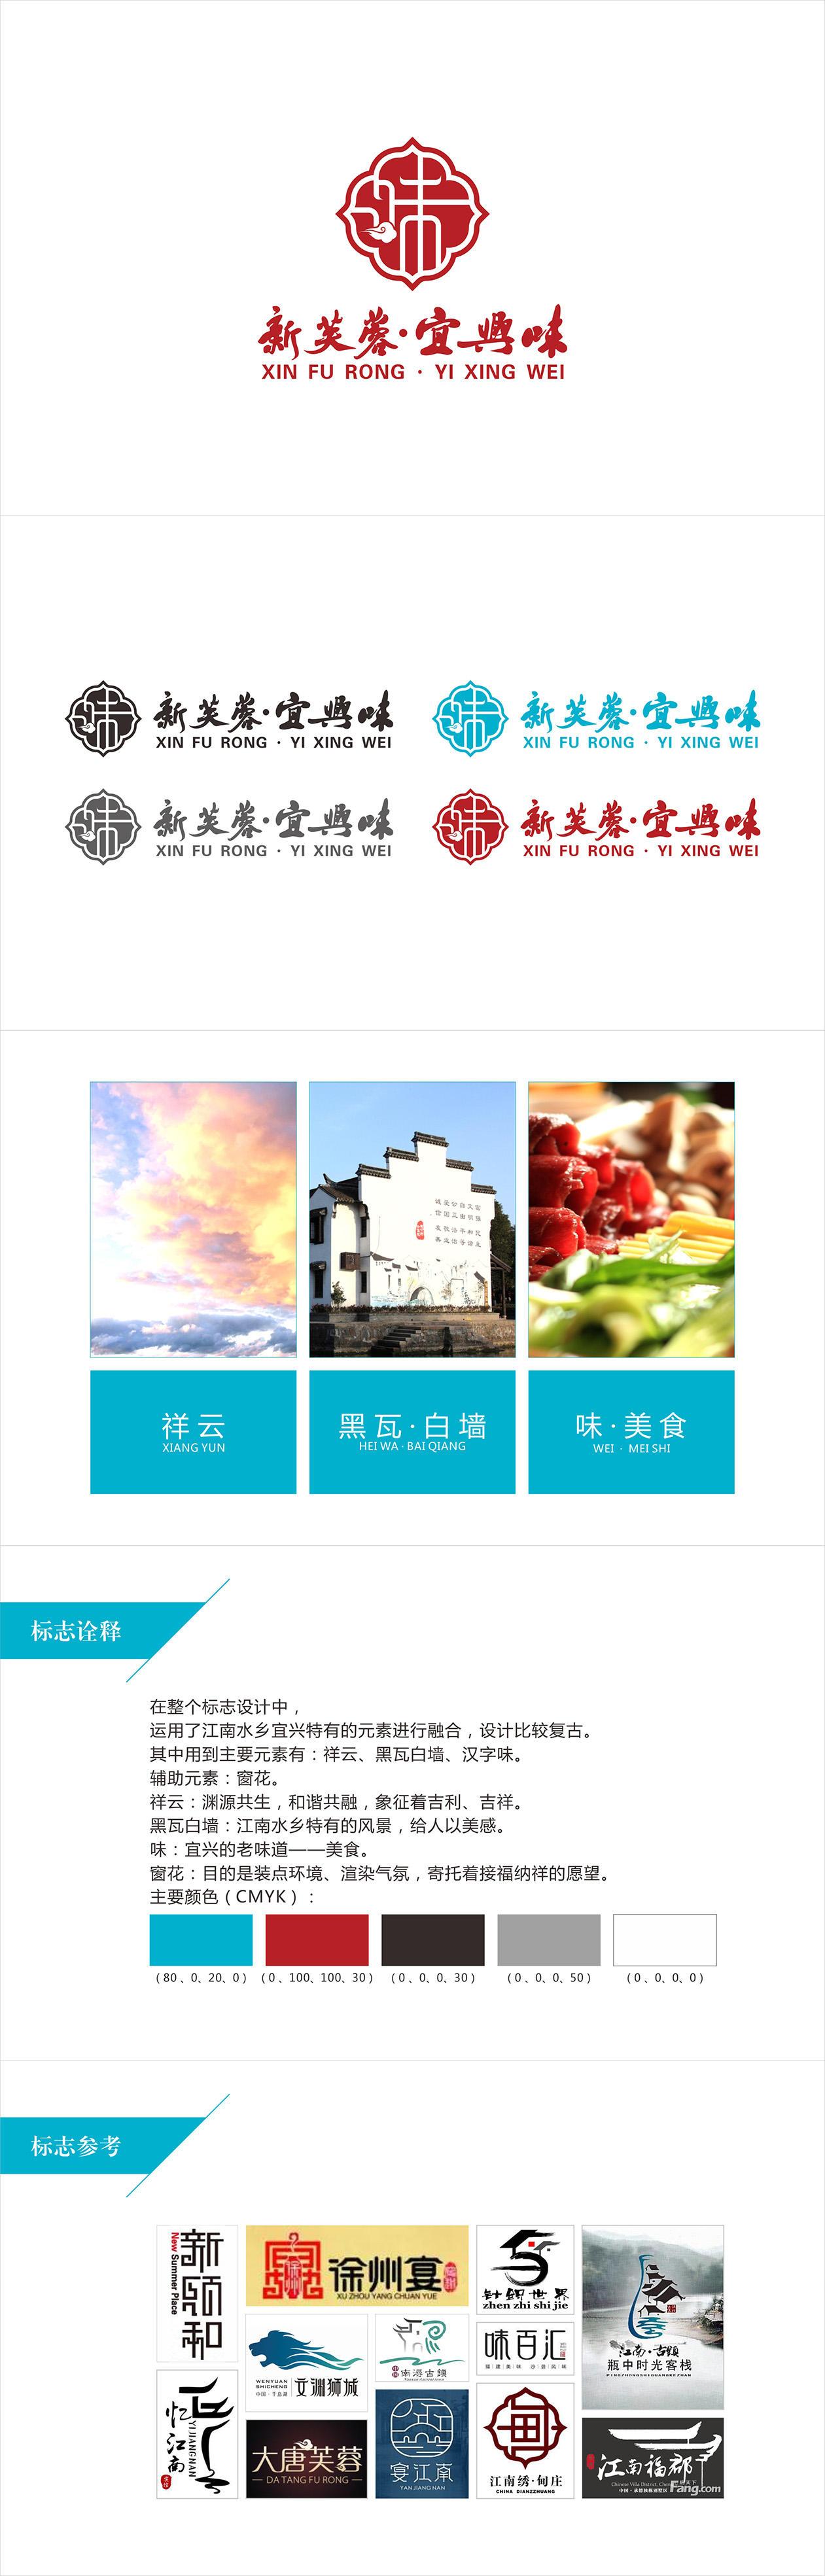 新芙蓉·宜兴味 logo设计 飞特网 标志设计